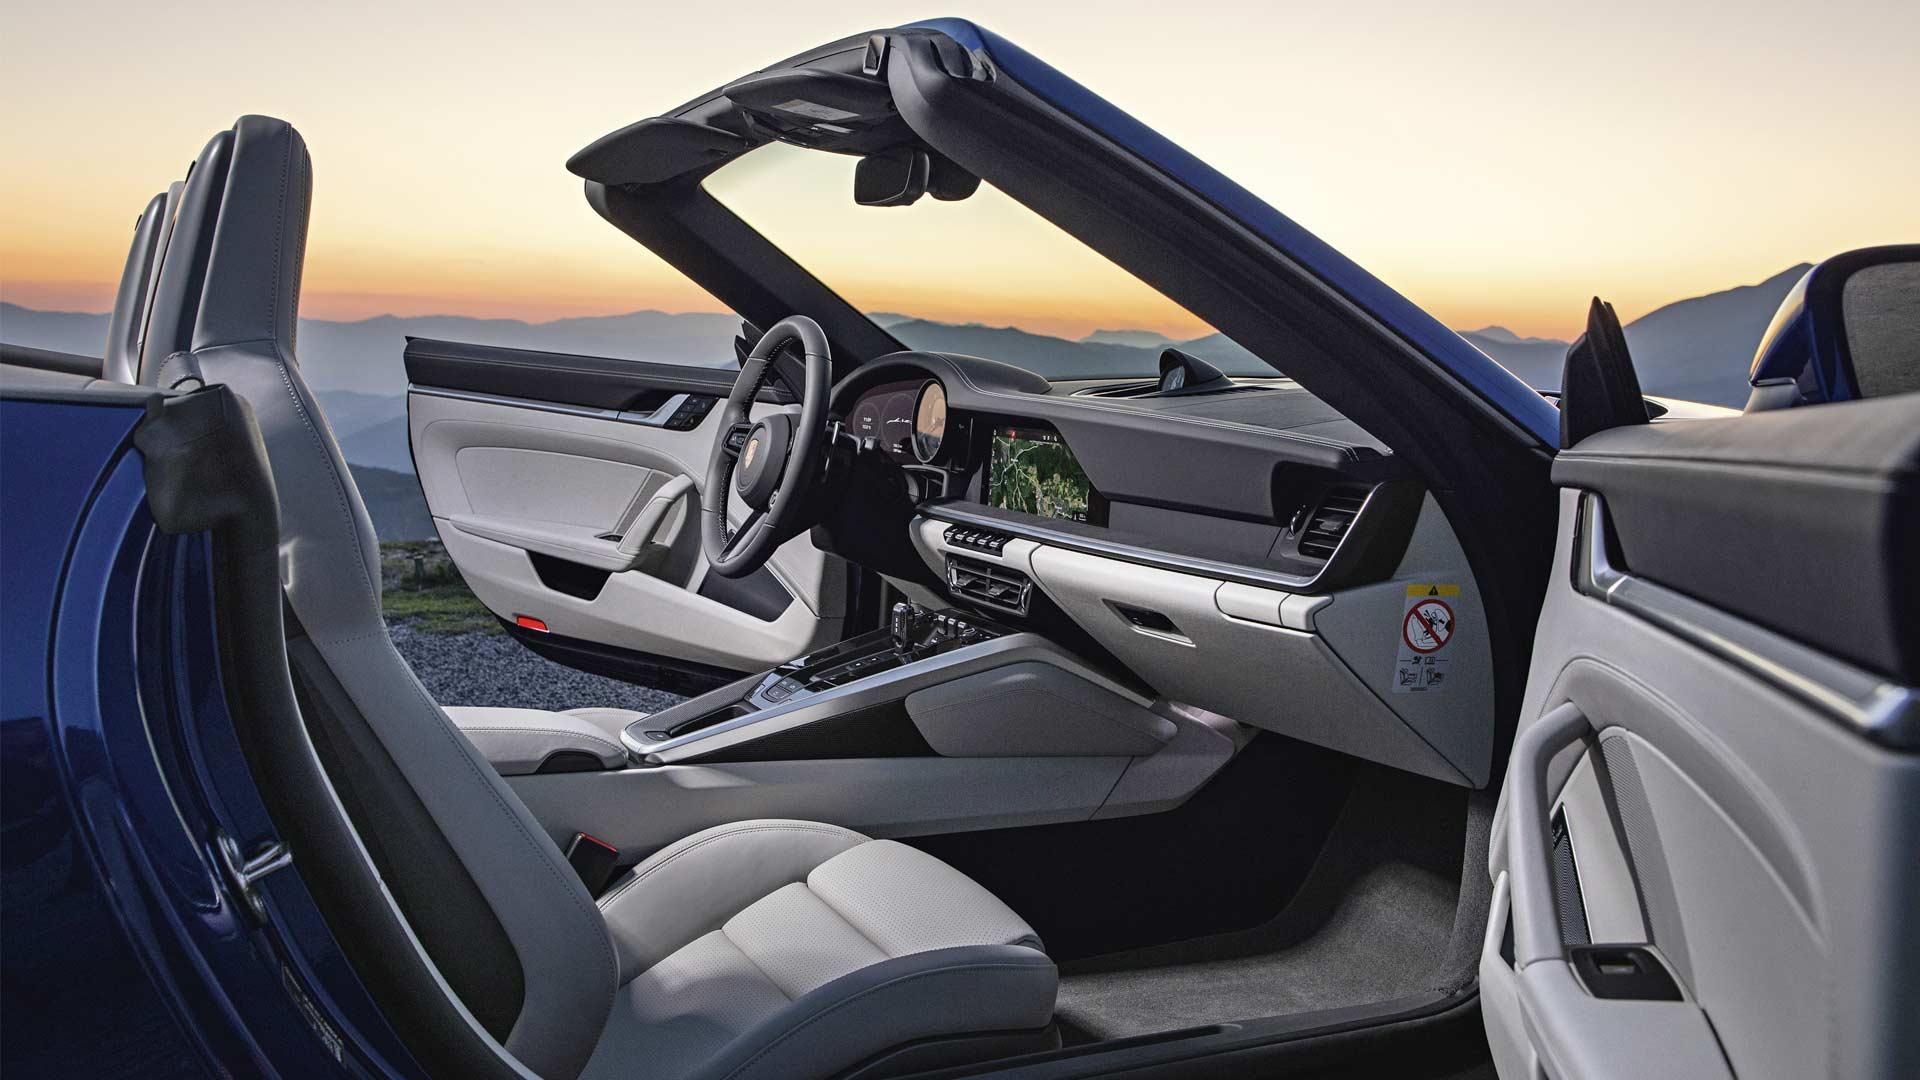 2020-911-Carrera-4S-Cabriolet-Interior